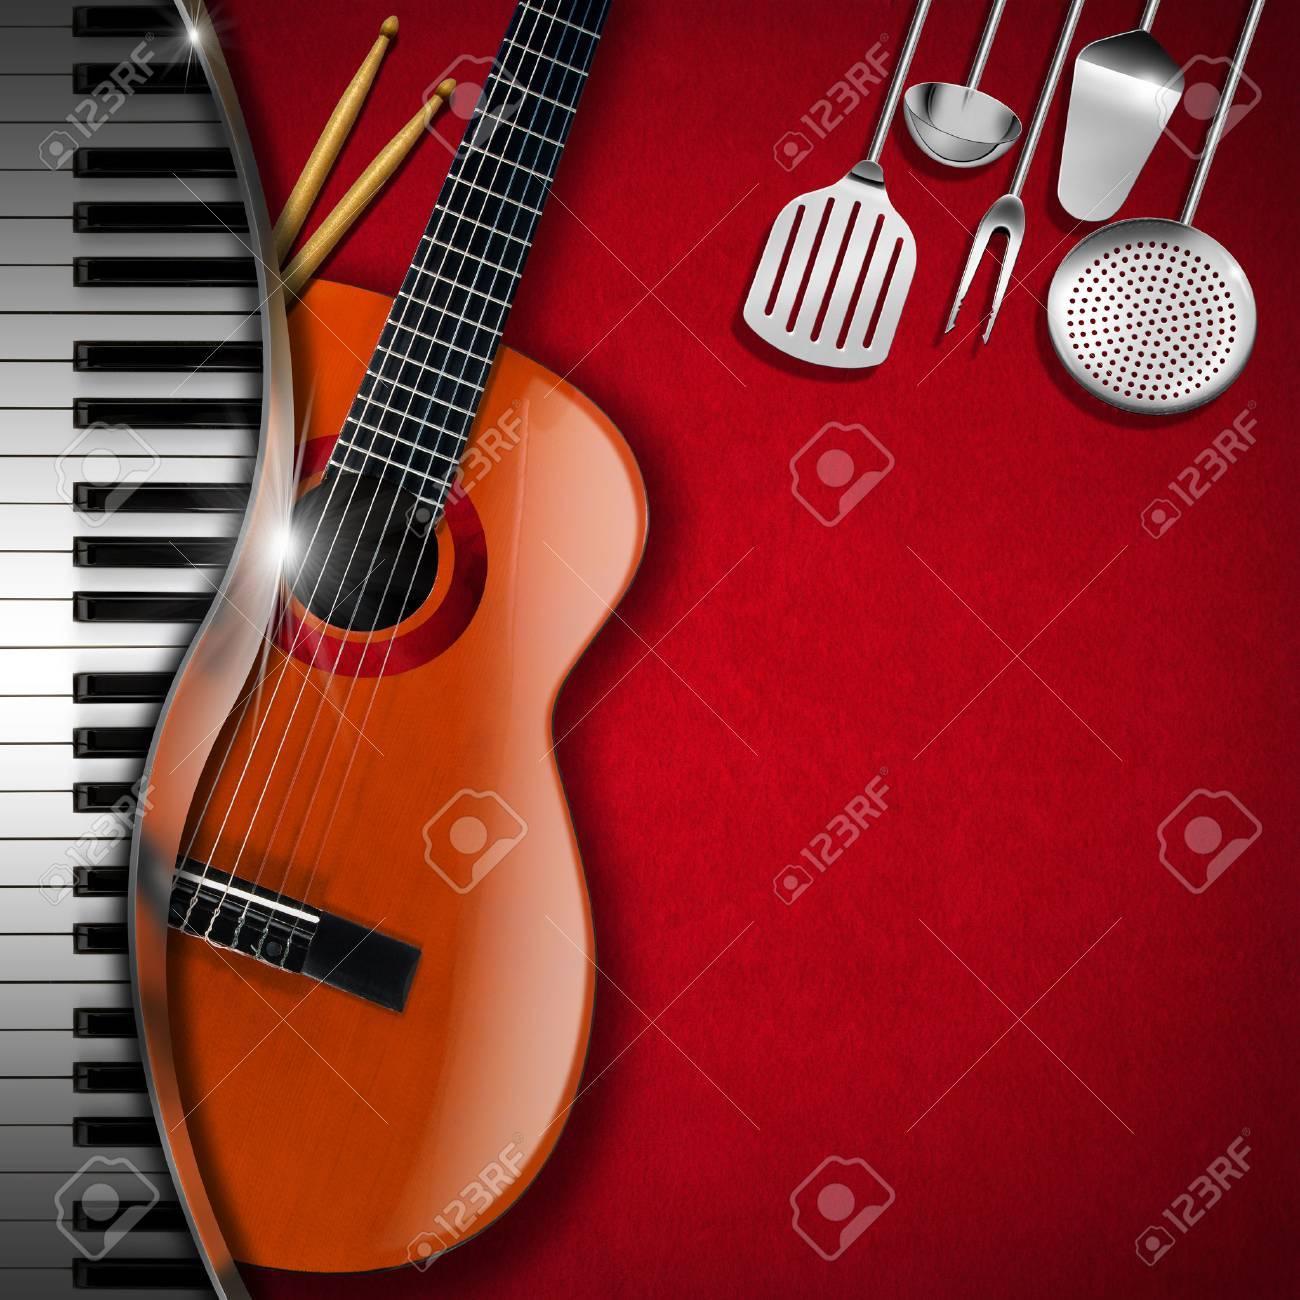 Fondo De Terciopelo Rojo Con Utensilios De Cocina, Guitarra Acústica ...